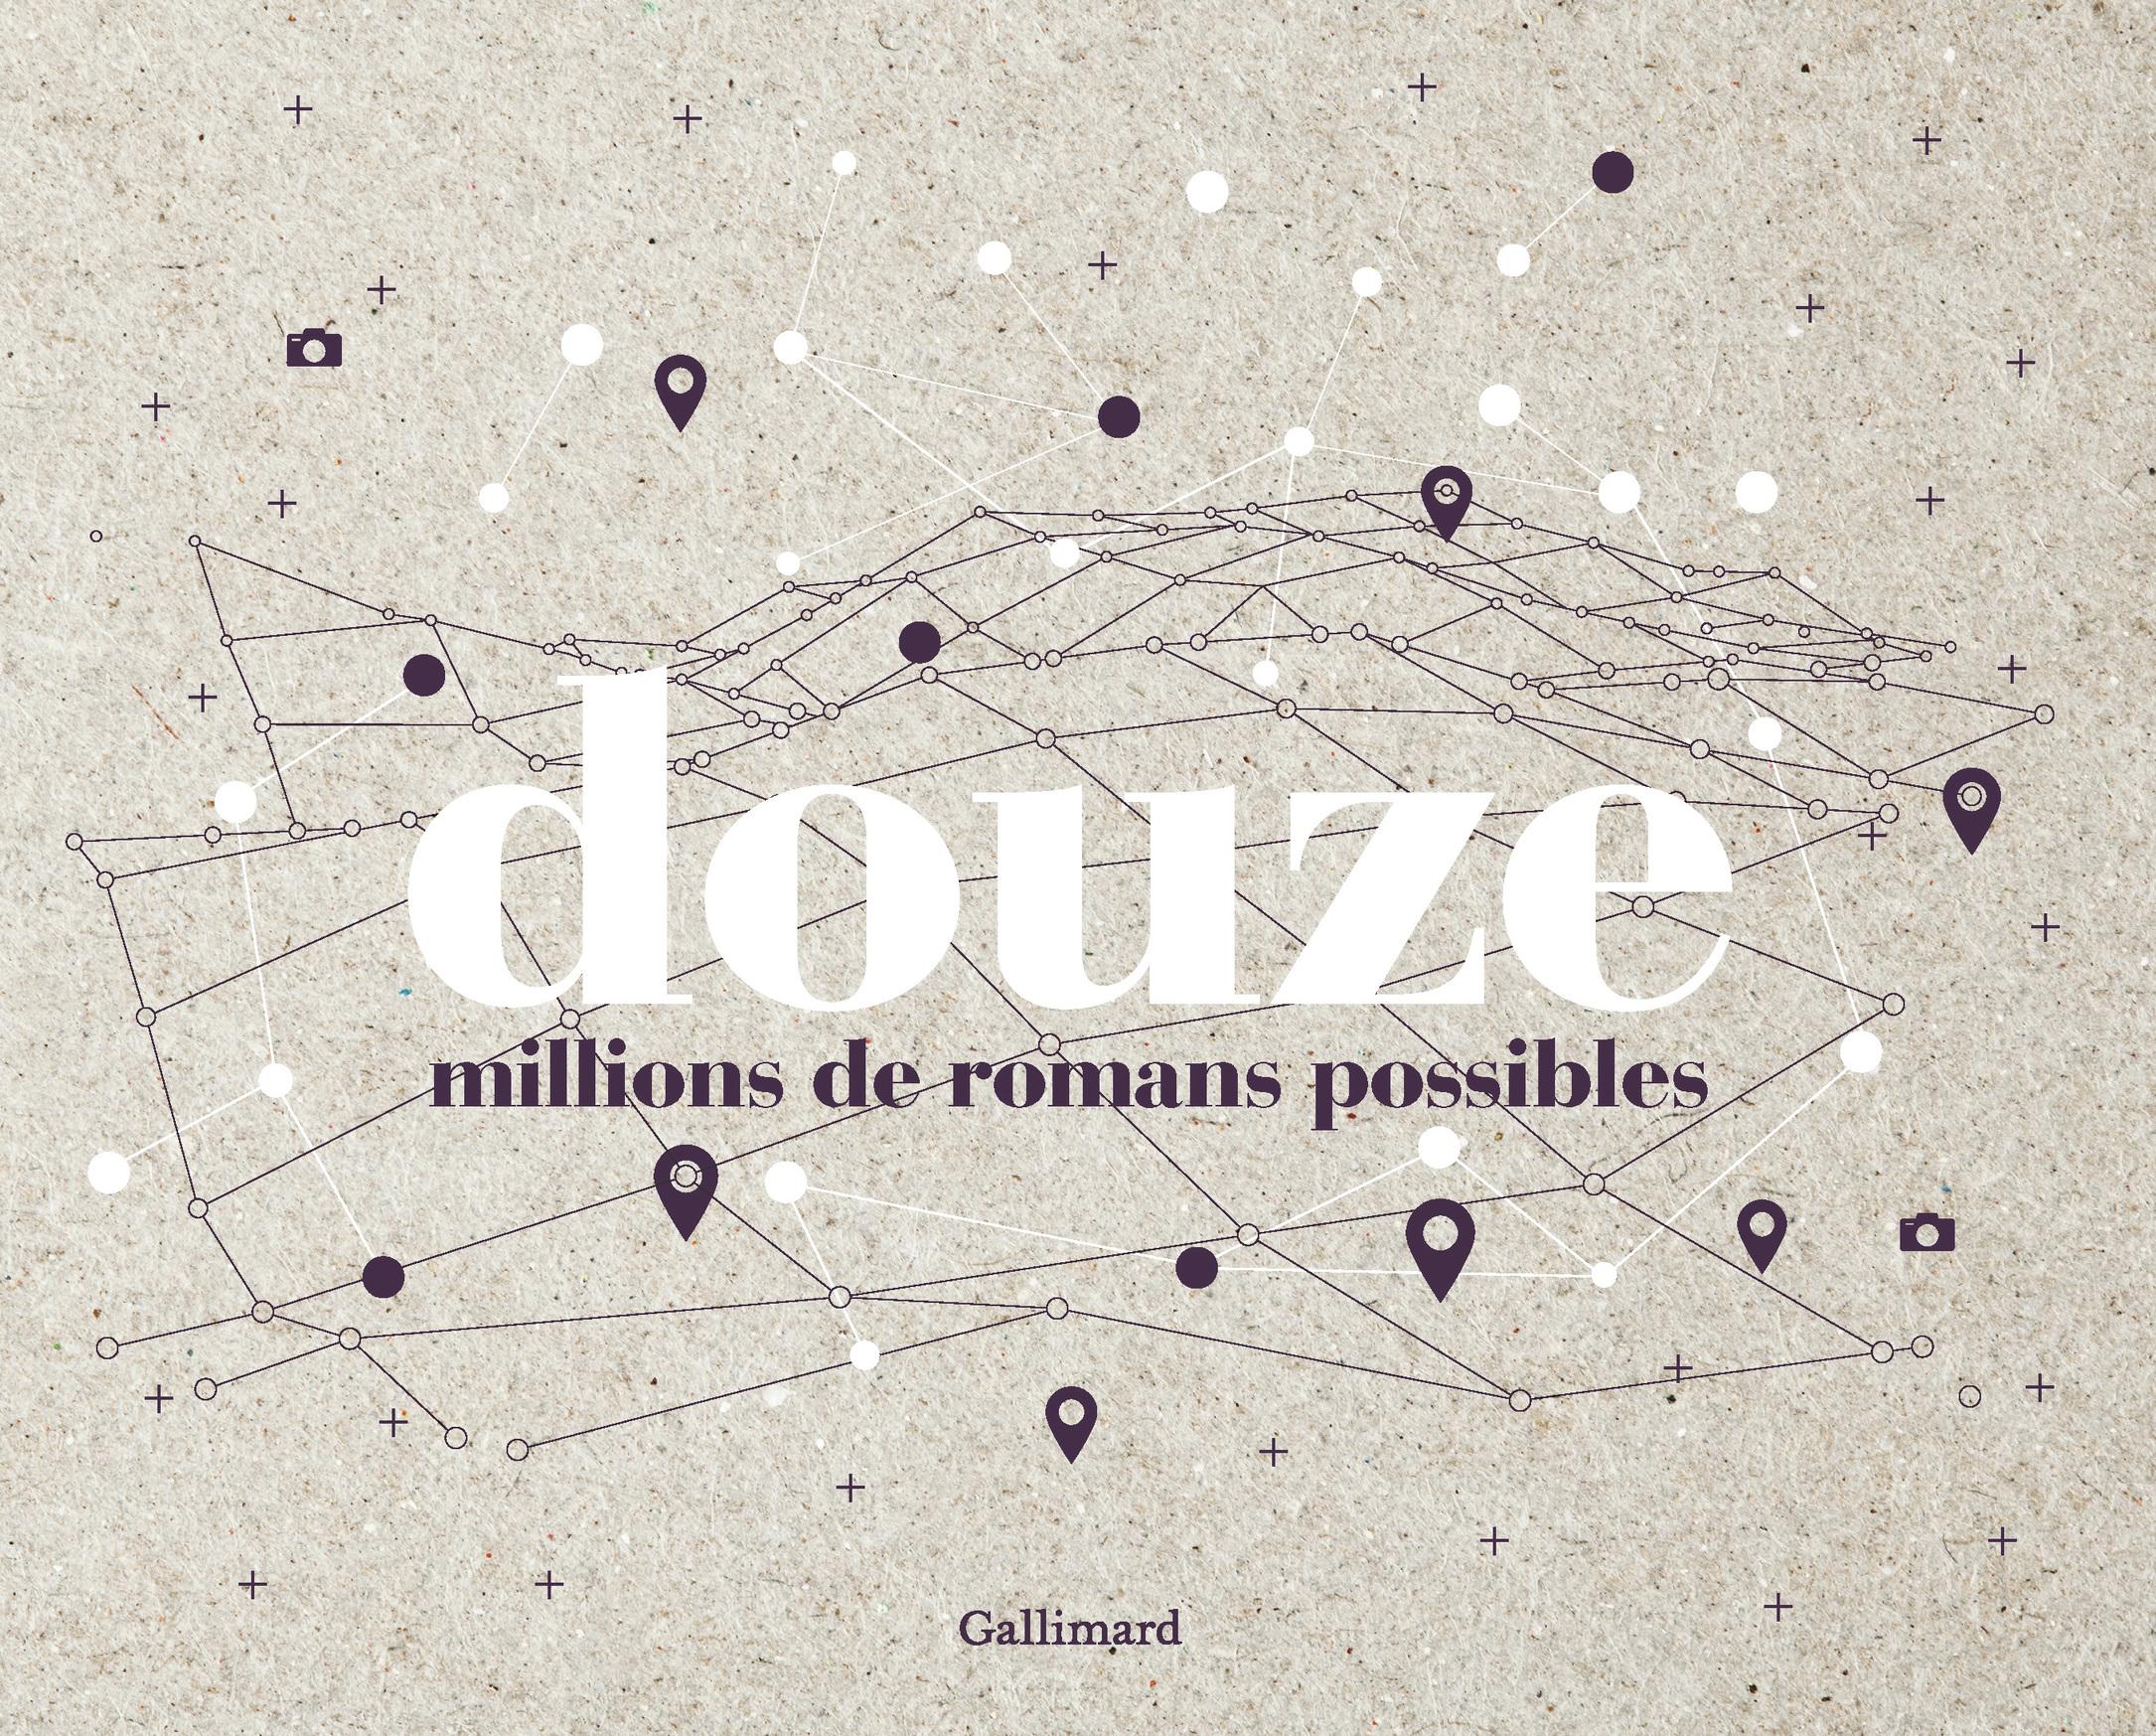 Douze millions de romans possibles